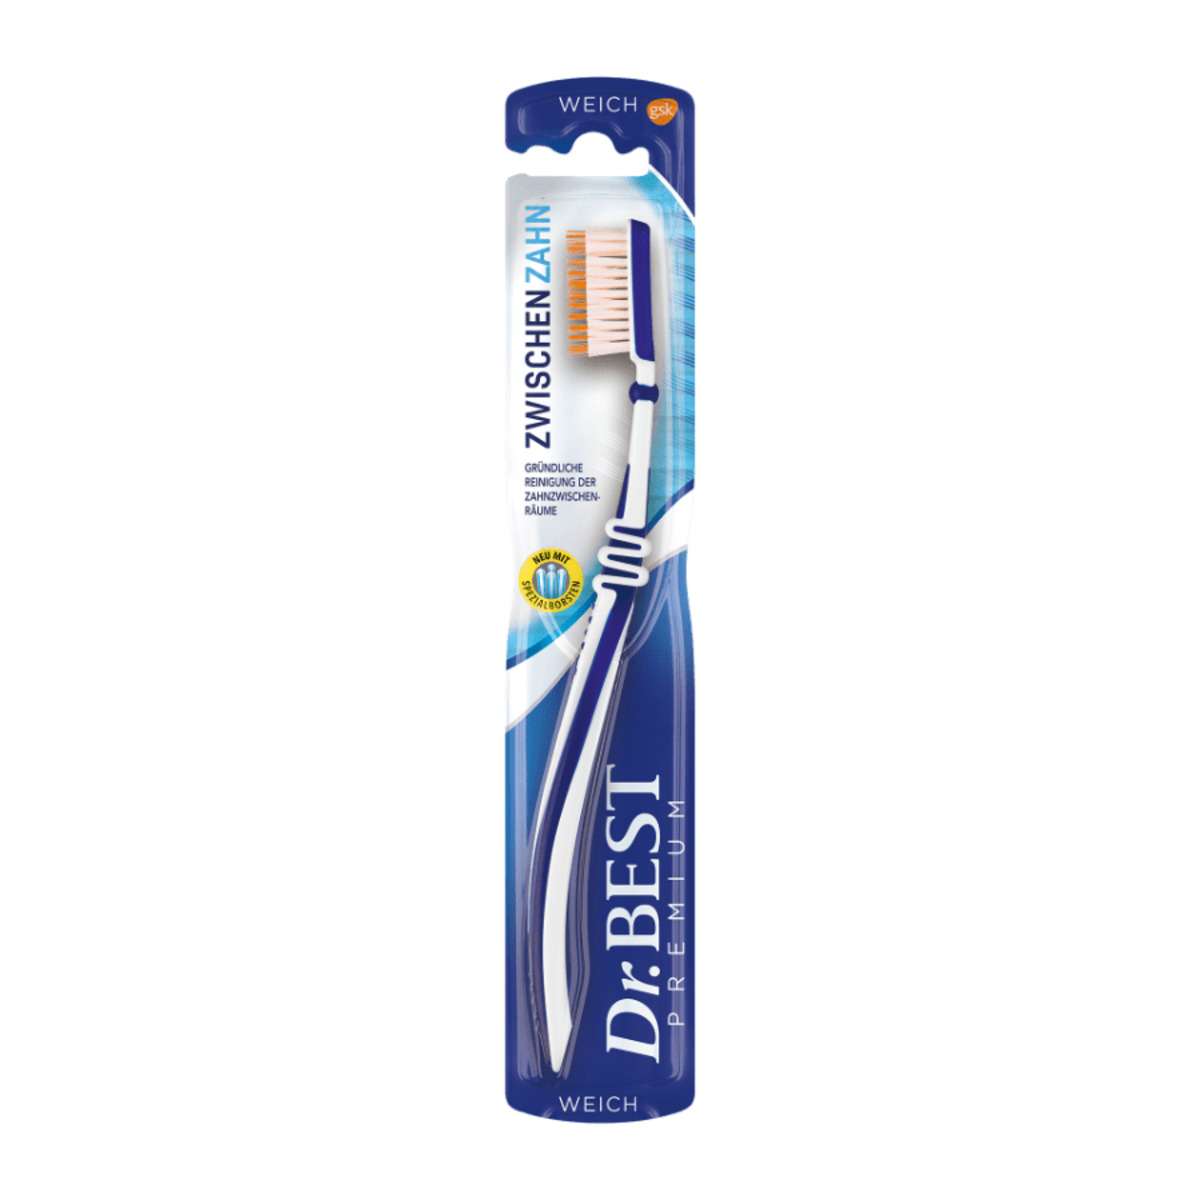 Bild 5 von Dr. Best Zahnbürste(n)